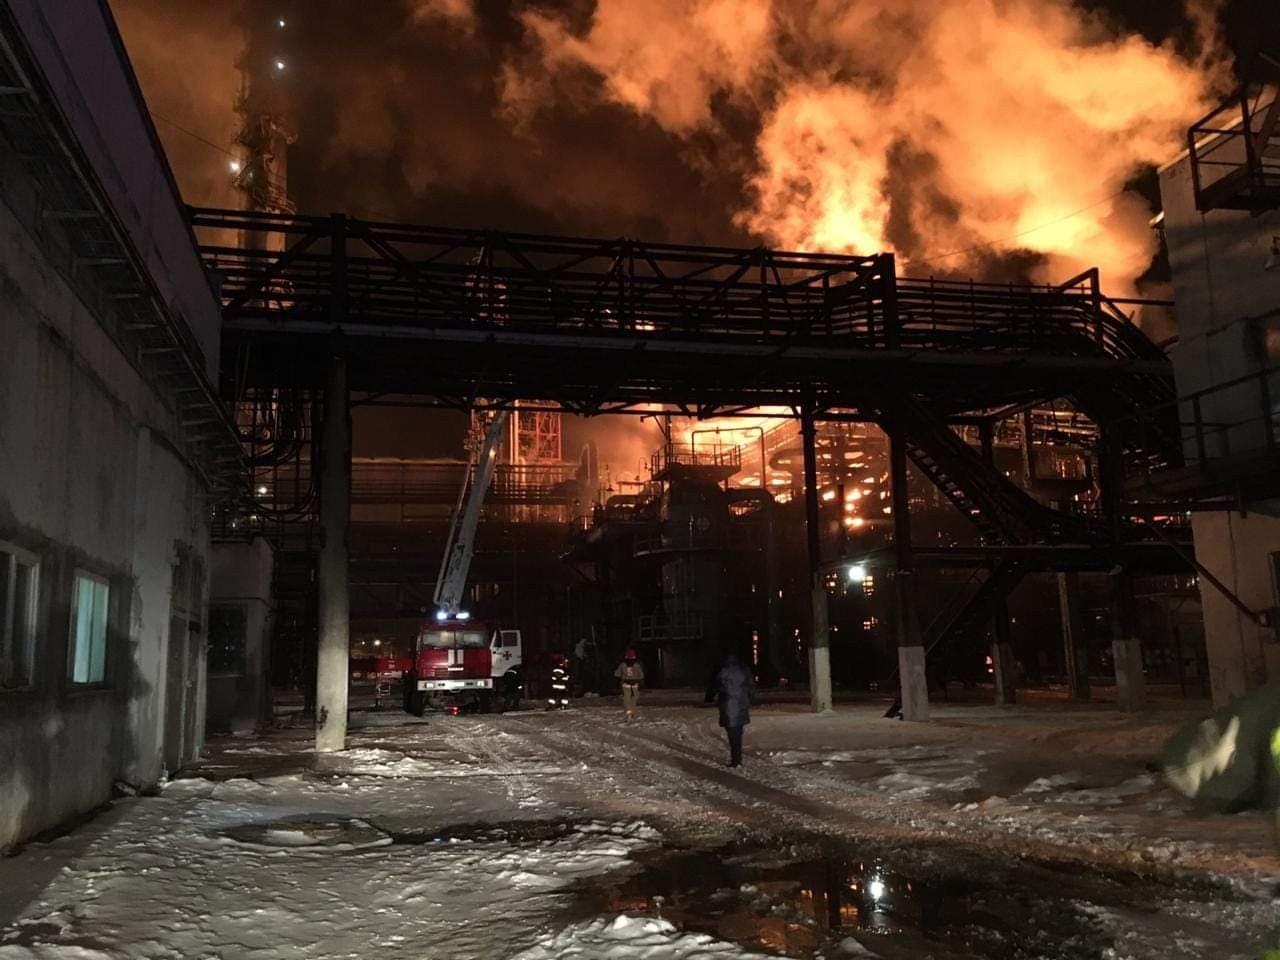 У Калуші горить одне з найбільших хімічних підприємств України. Що відомо і чи є небезпека? (ФОТО, ВІДЕО)